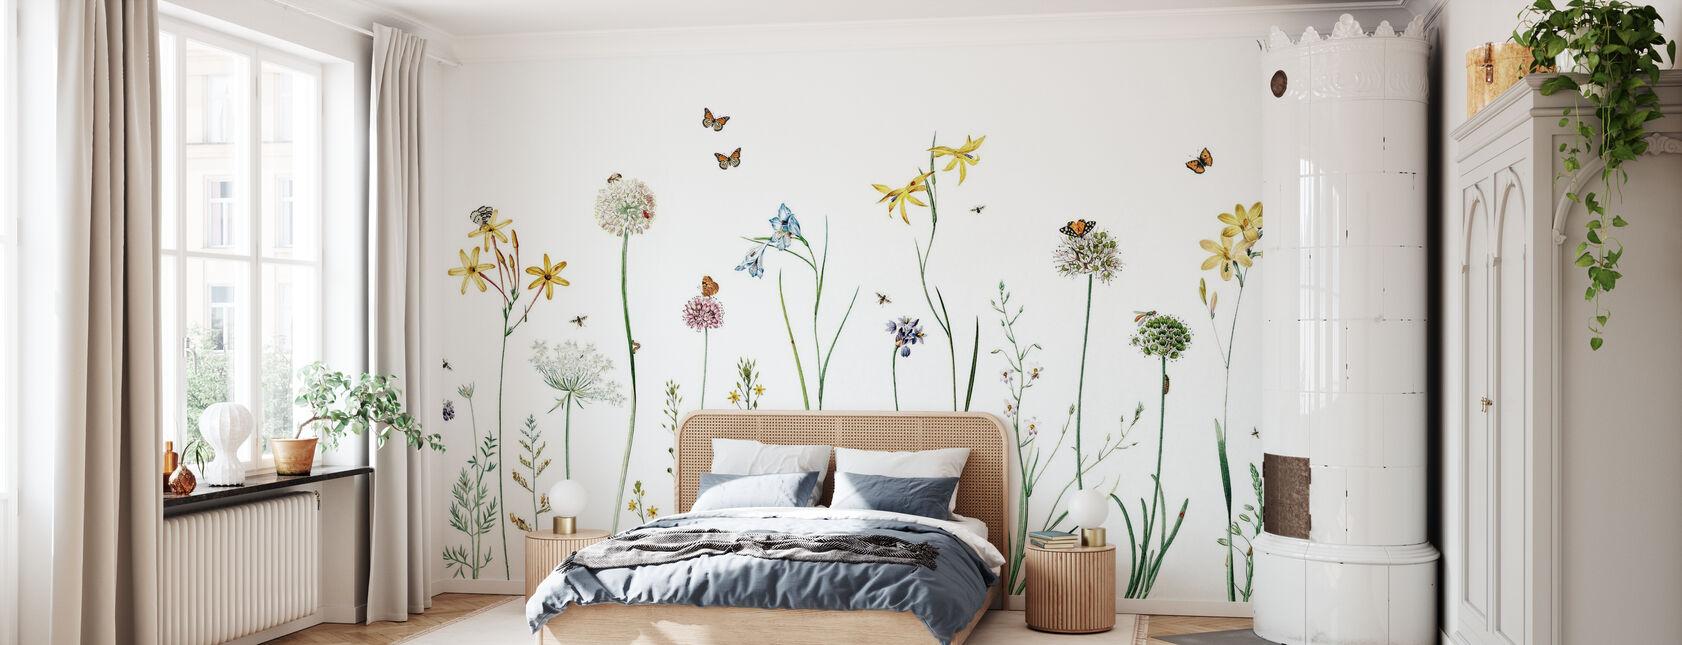 Schmetterlings-Garten - Tapete - Schlafzimmer